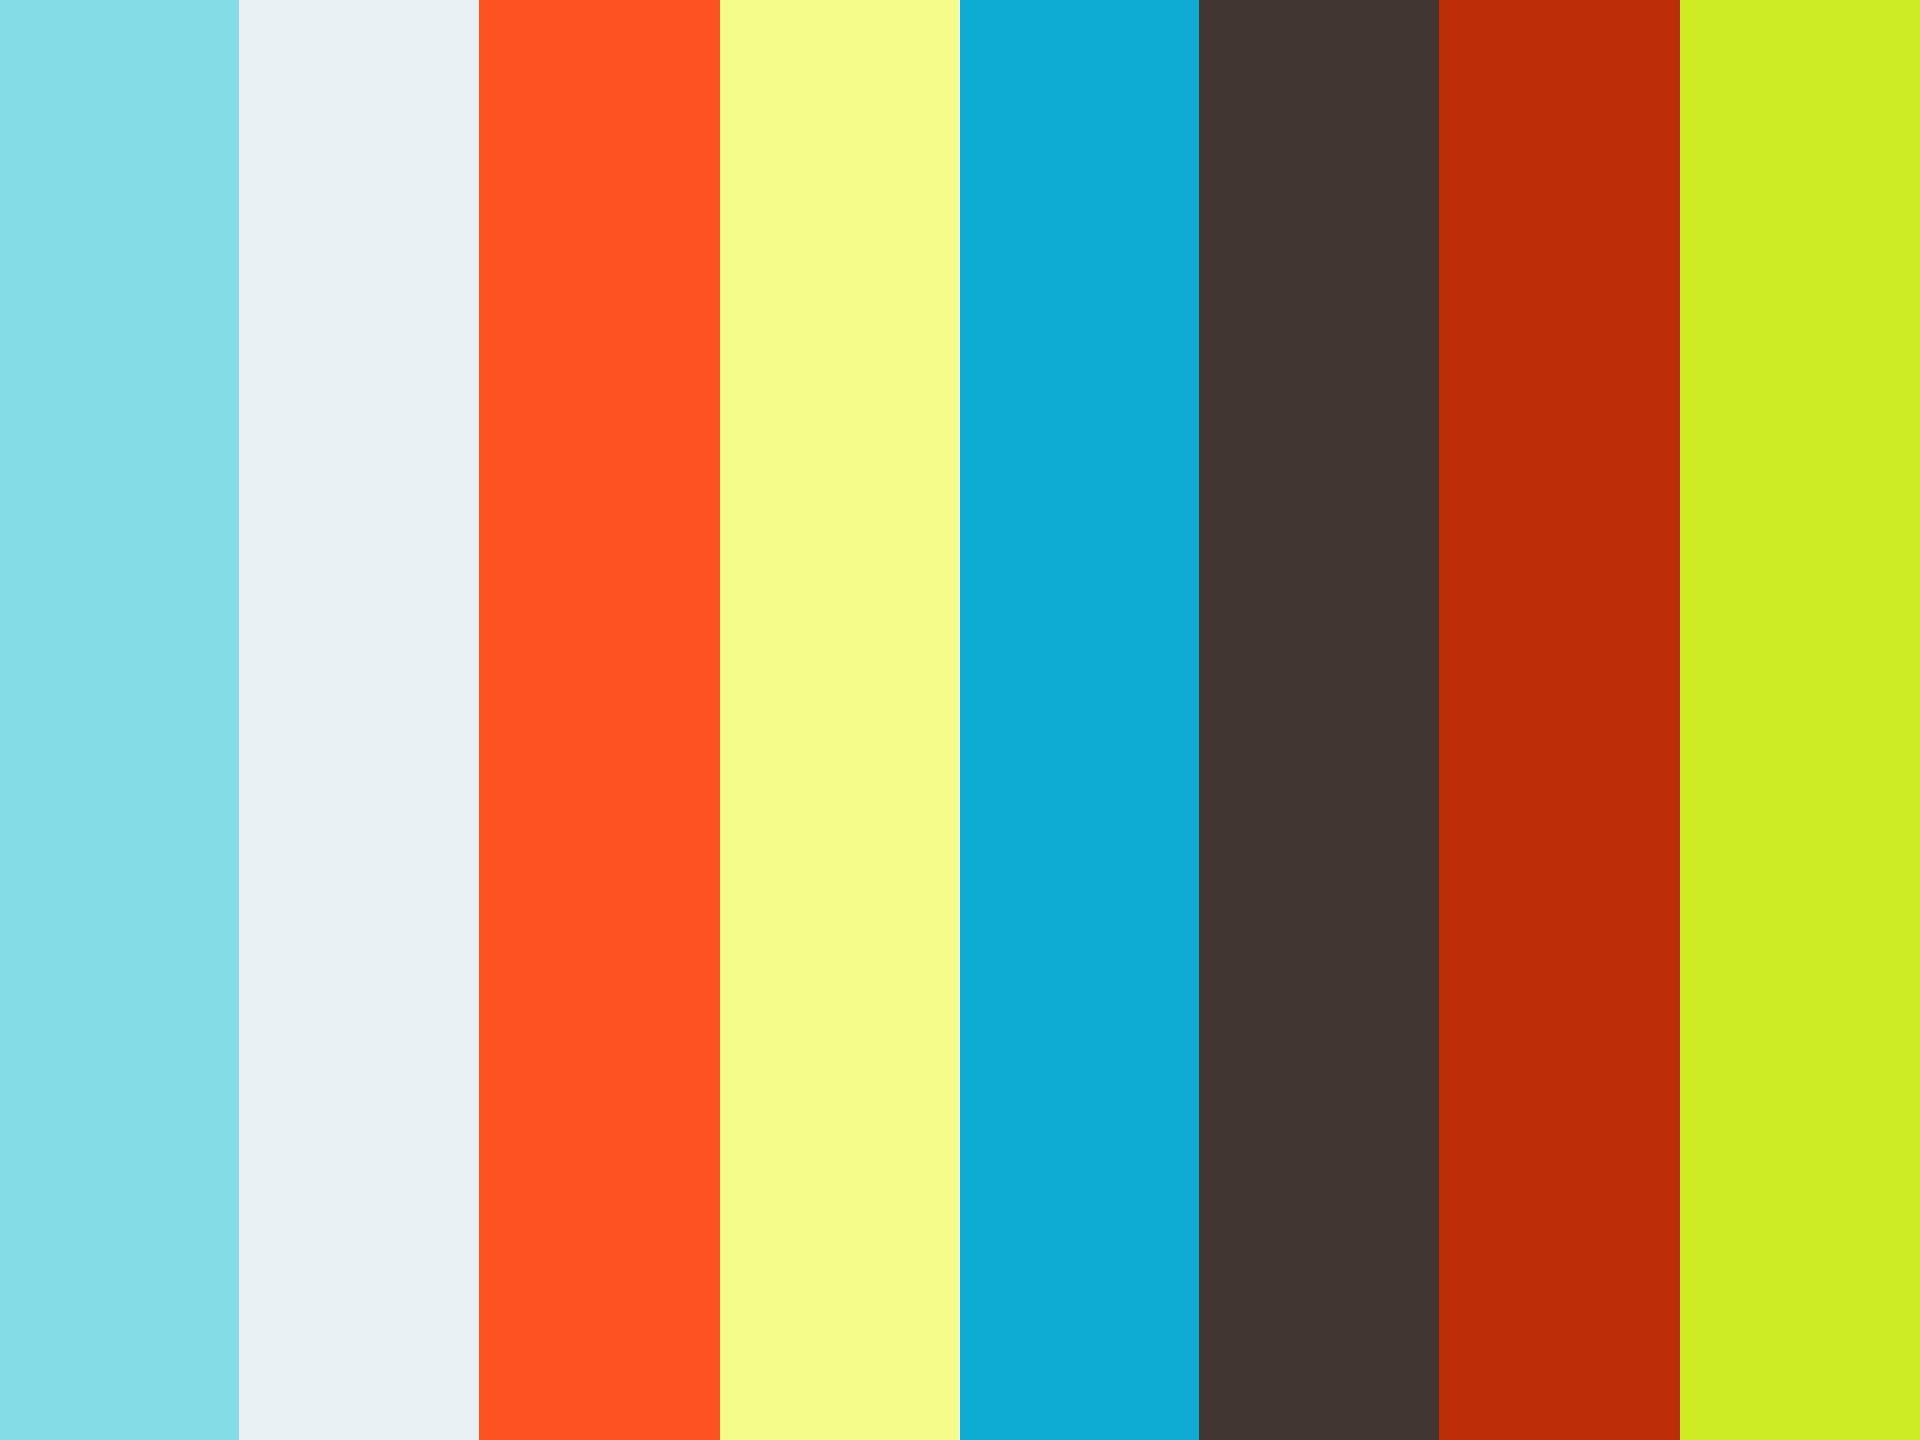 【科學氣功02】掐指甩手經絡操:健康功效 動作示範 (1080p_30fps_H264-128kbit_AAC) on Vimeo